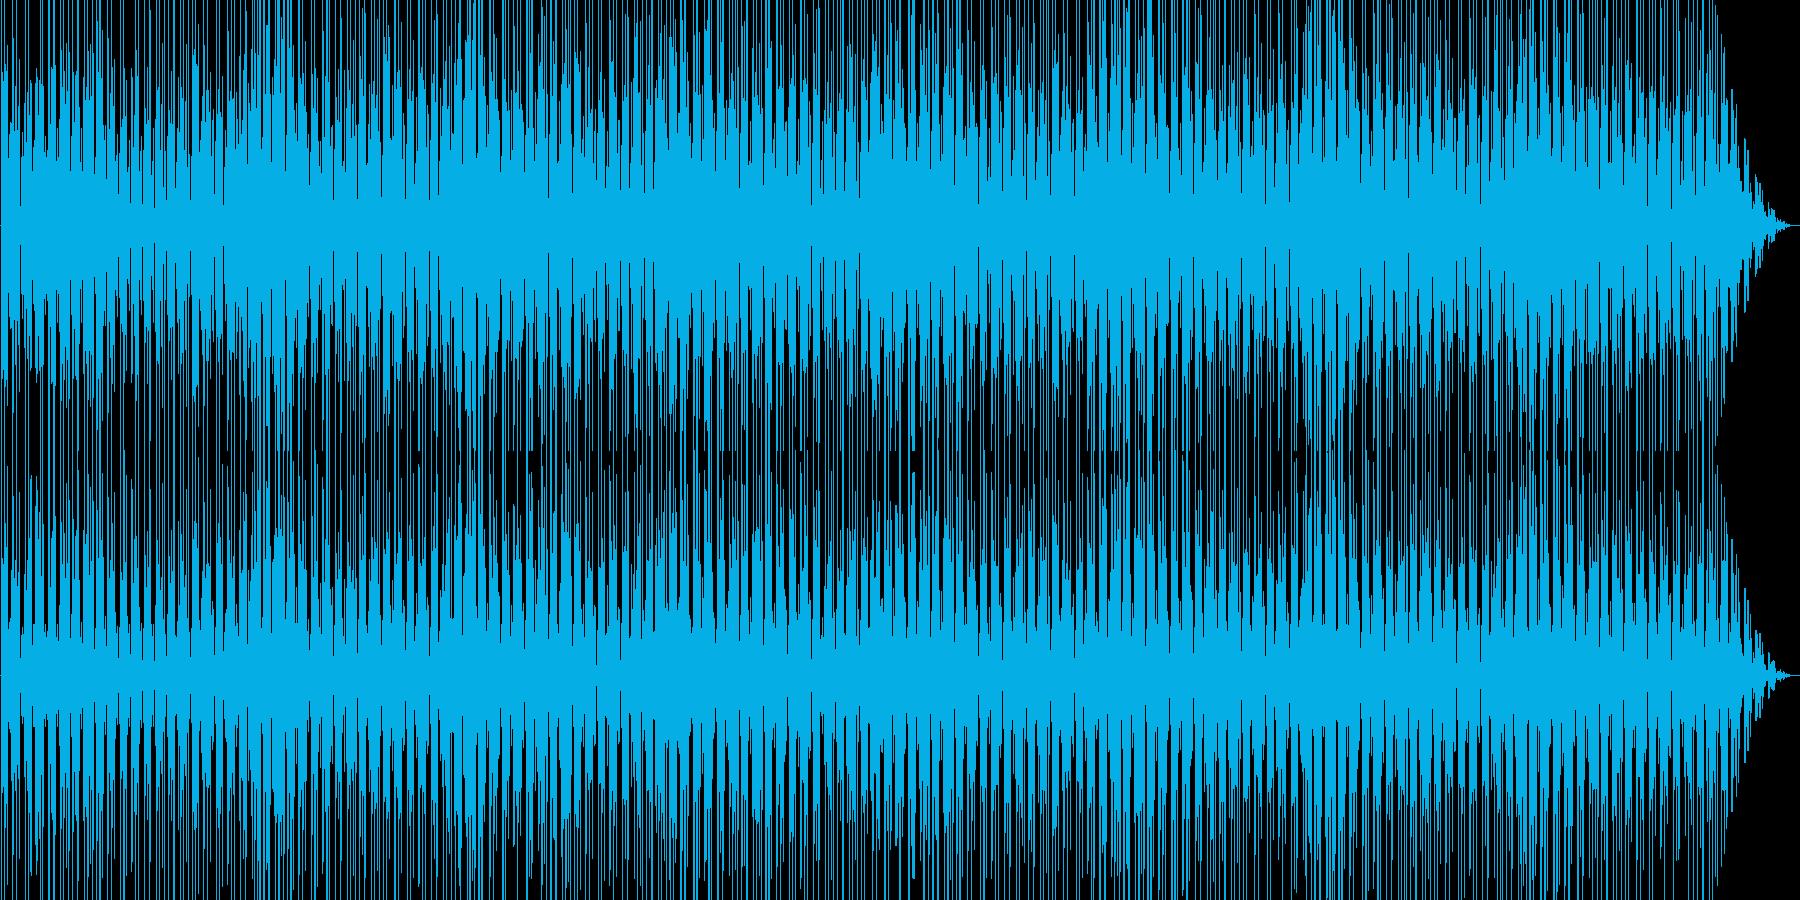 お洒落でキャッチーなシンセサイザーポップの再生済みの波形